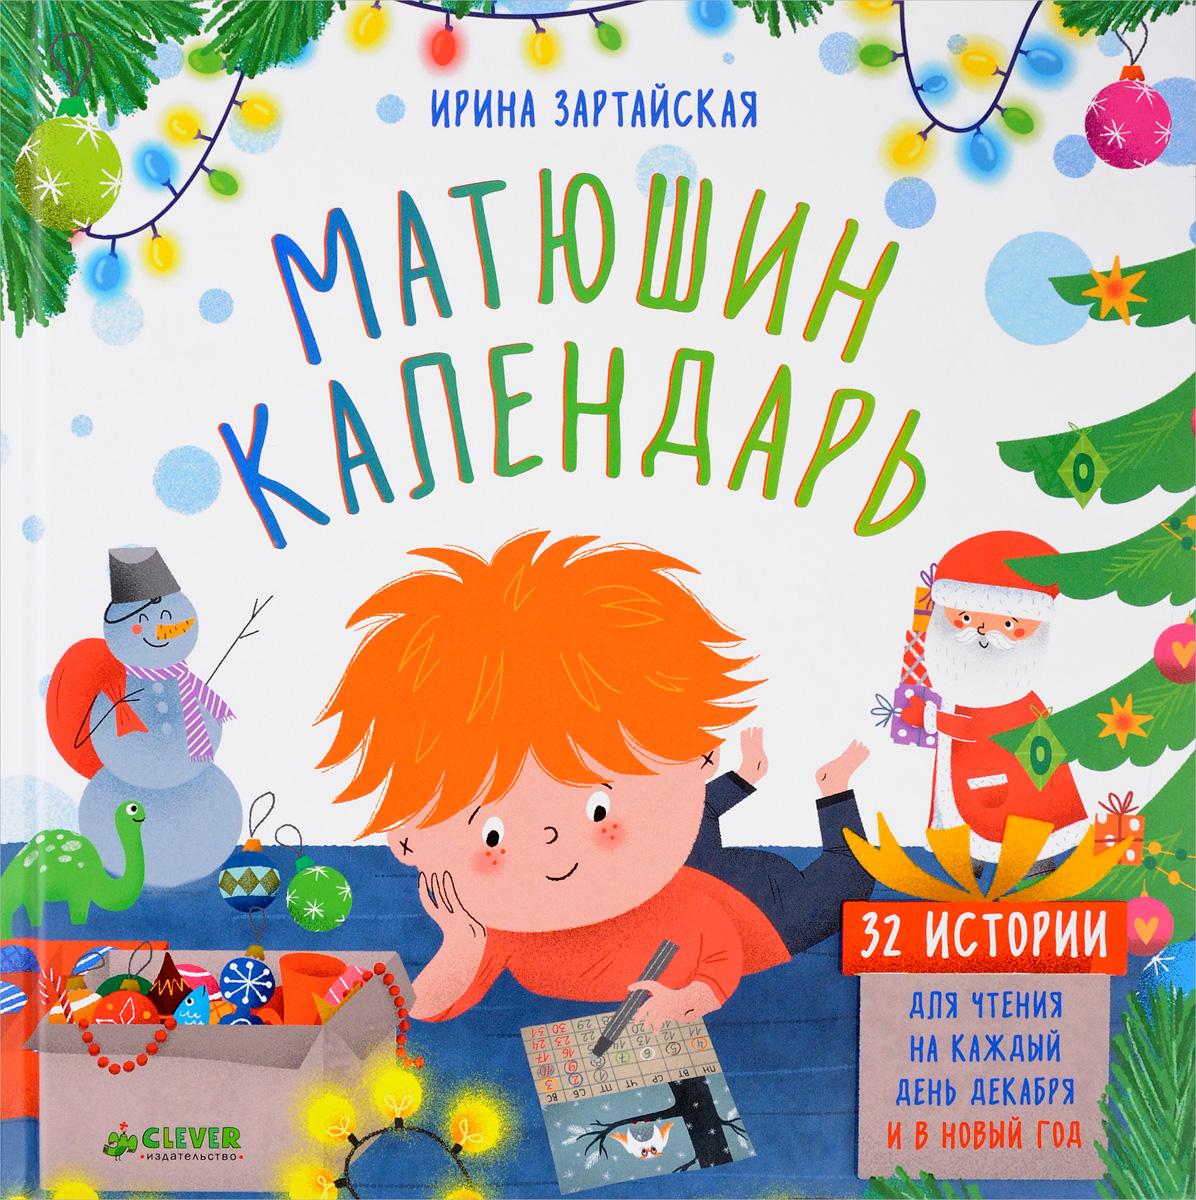 Фото Ирина Зартайская Матюшин календарь. 32 истории для чтения на каждый день декабря и в Новый год. Купить  в РФ